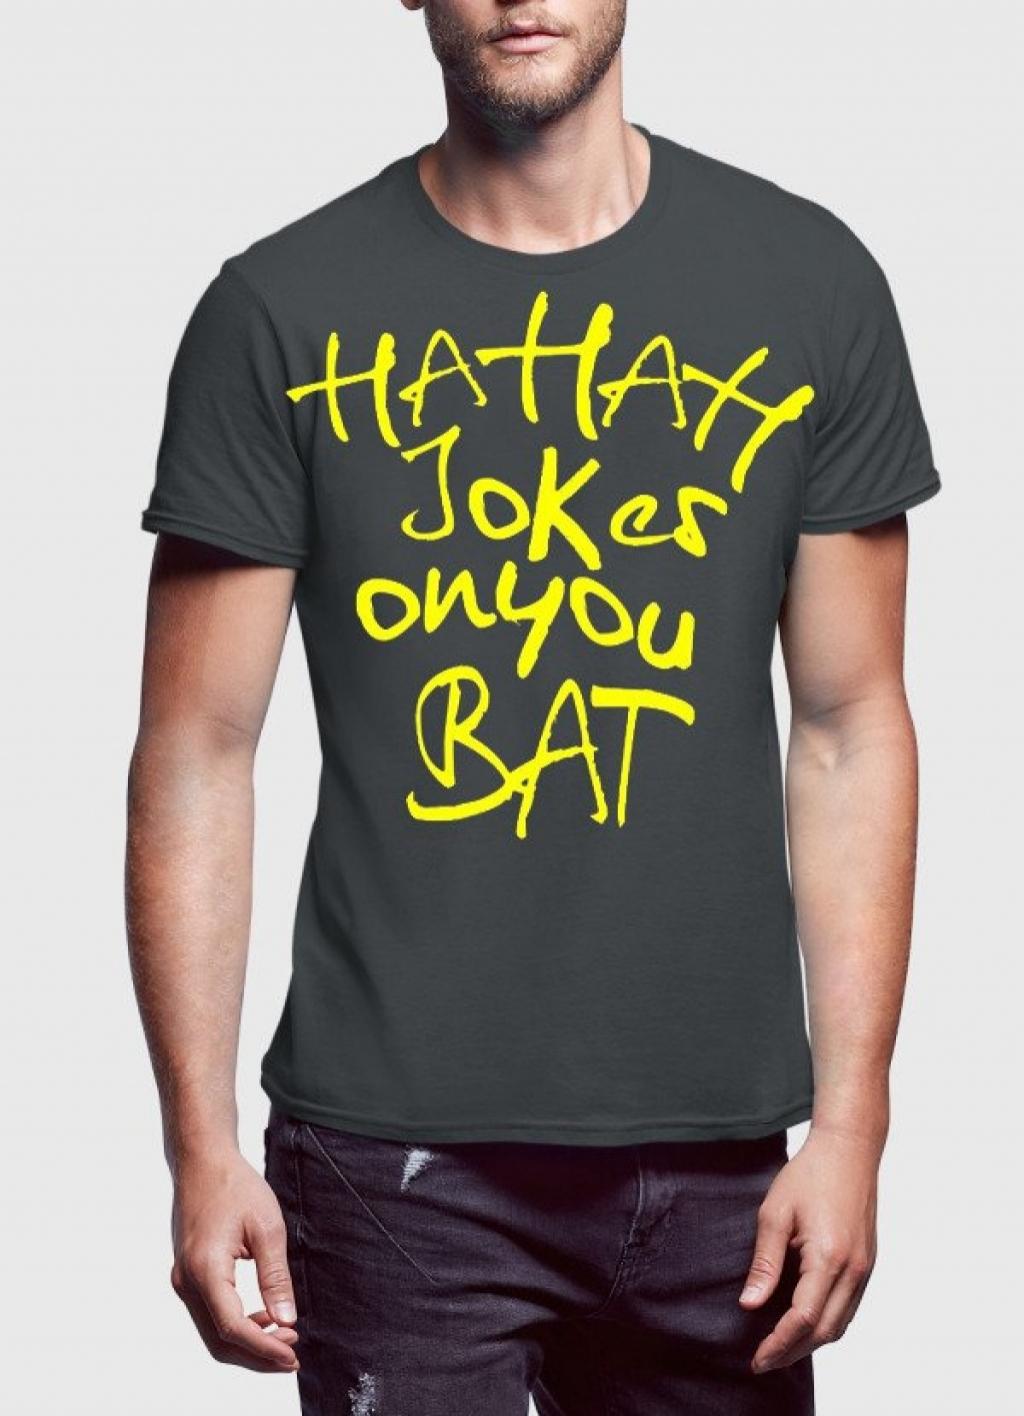 14967442870_Batman_Joke_T-Shirt.jpg